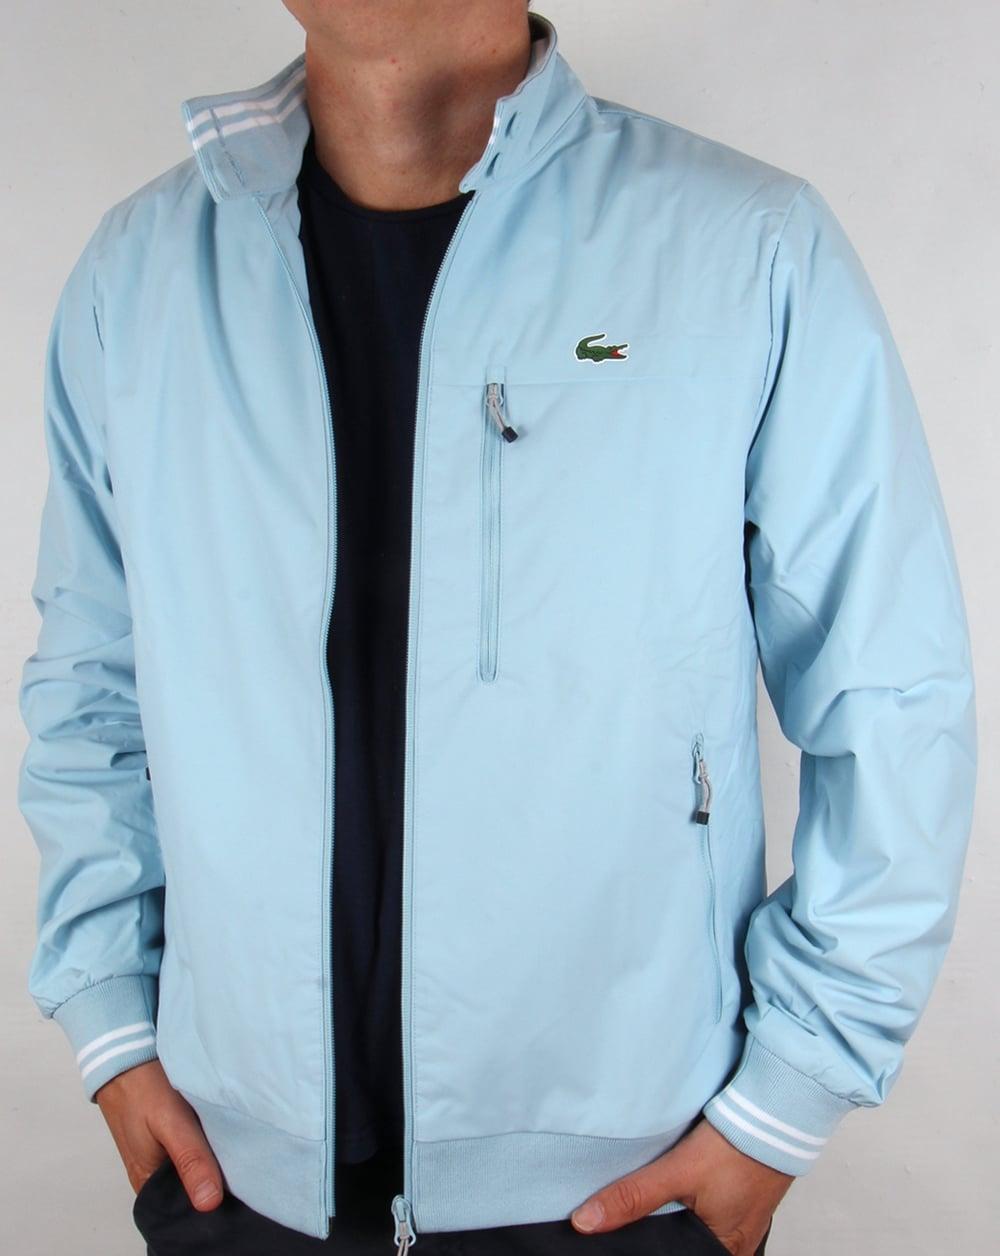 lacoste golf jacket sky blue sport mens harrington coat bomber. Black Bedroom Furniture Sets. Home Design Ideas